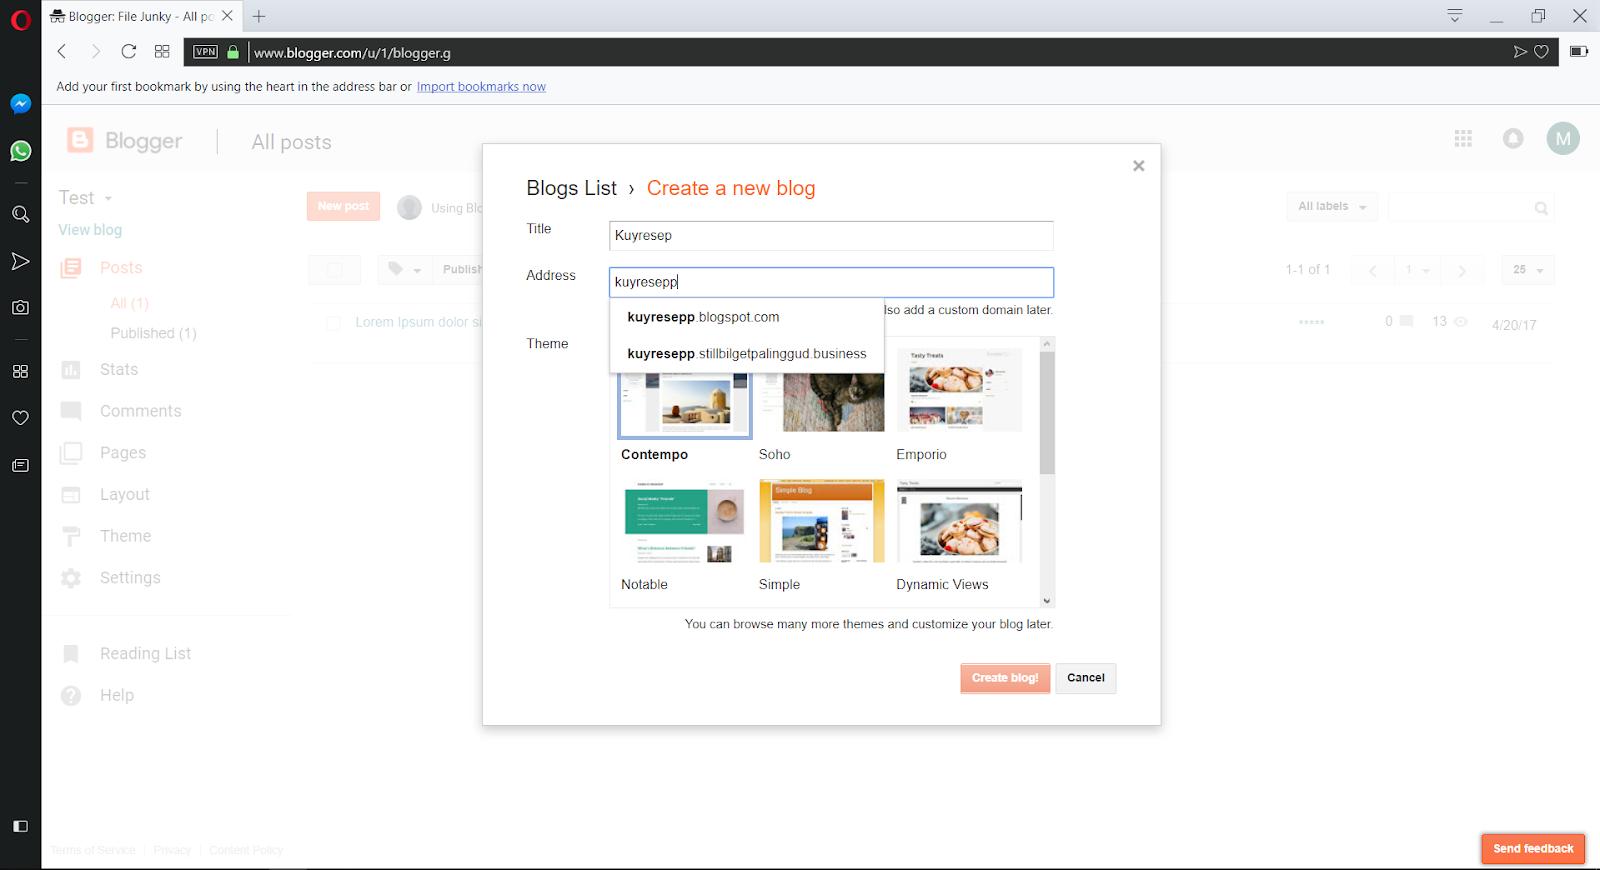 Langkah-Langkah Untuk Membuat Blog